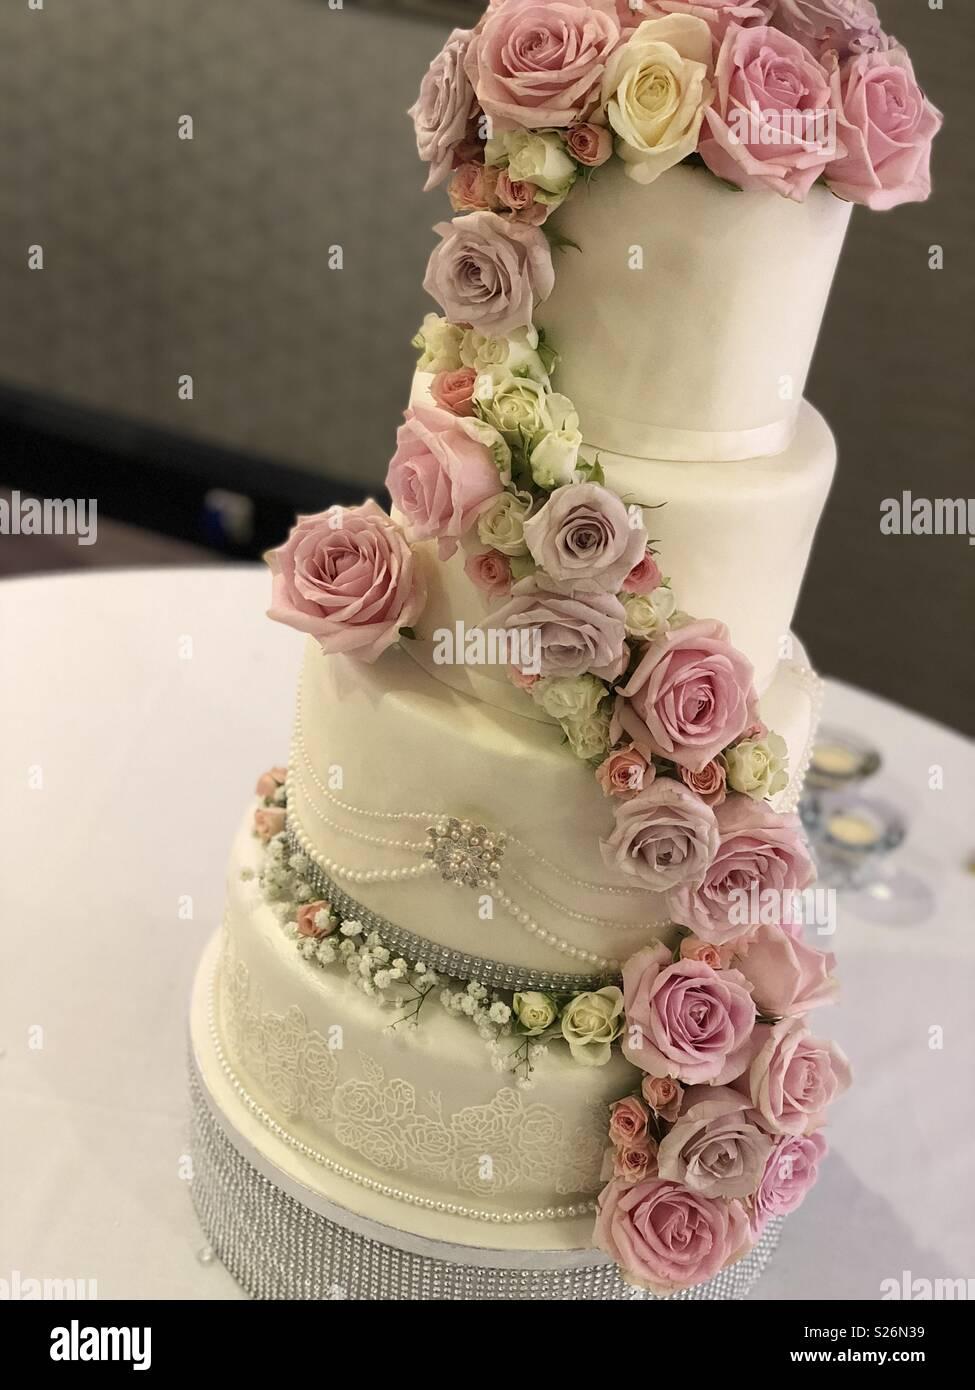 Frische Blumen auf eine Hochzeitstorte Stockfoto